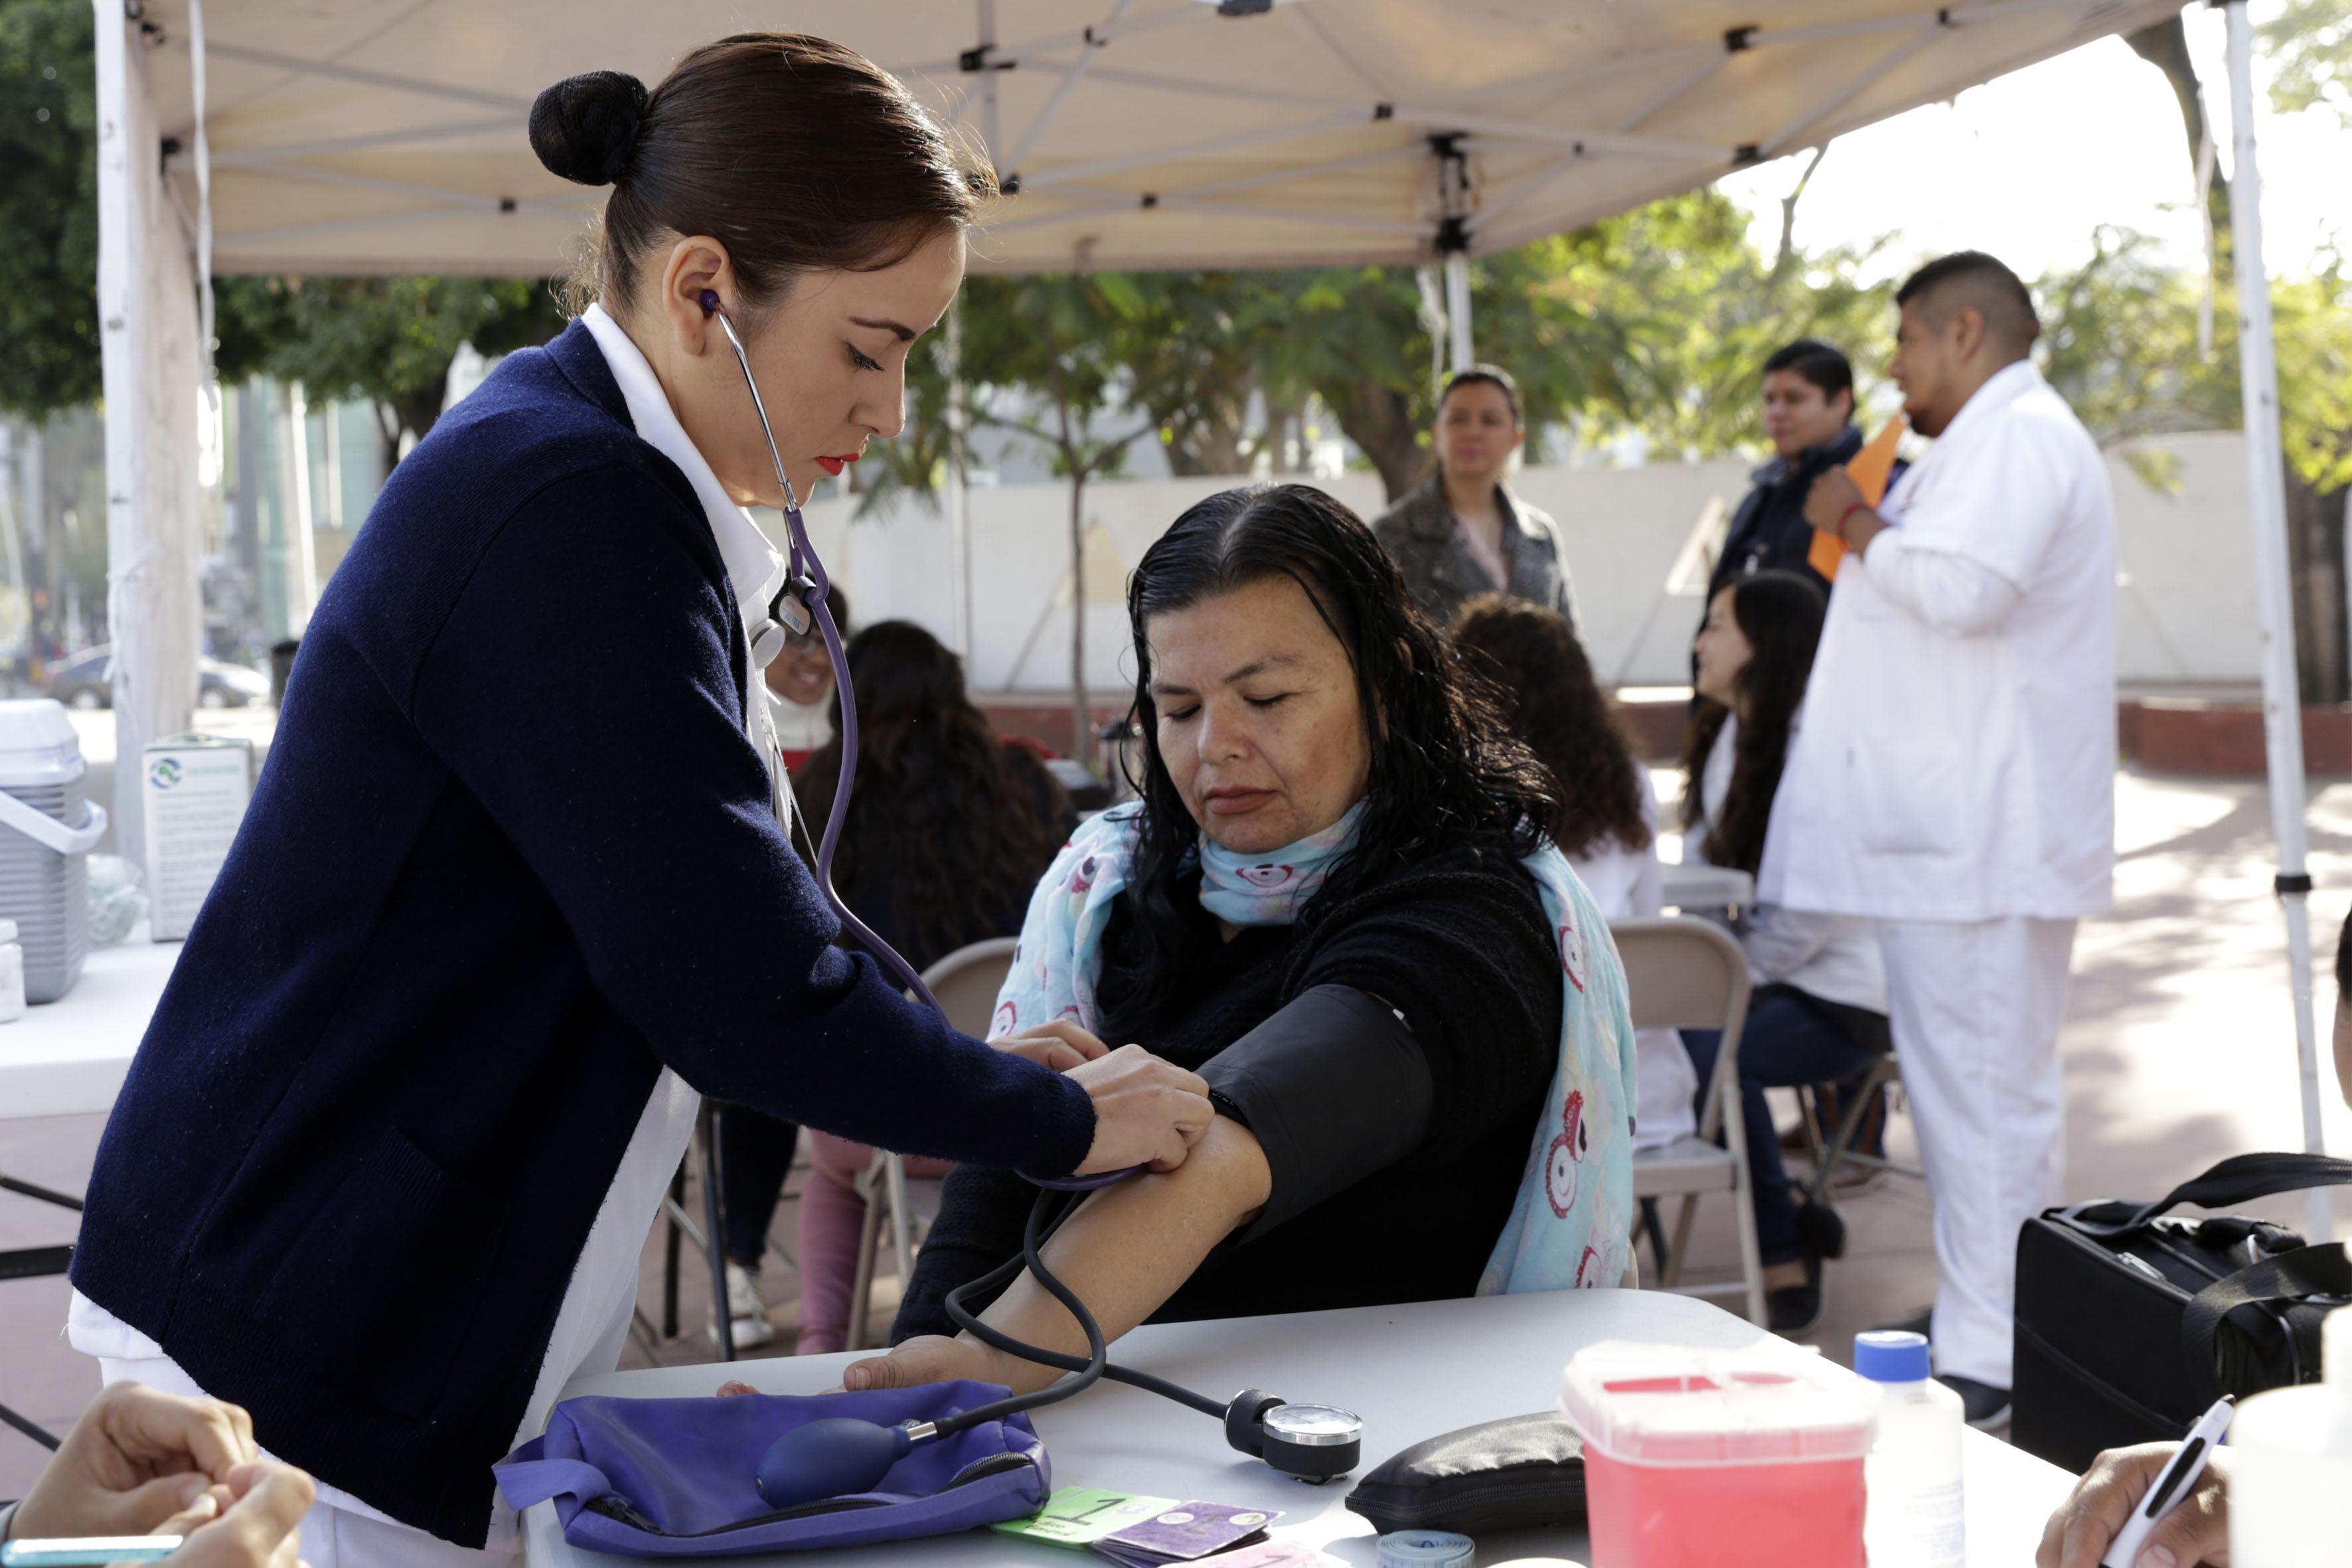 Enfermera tomando signos vitales a un paciente